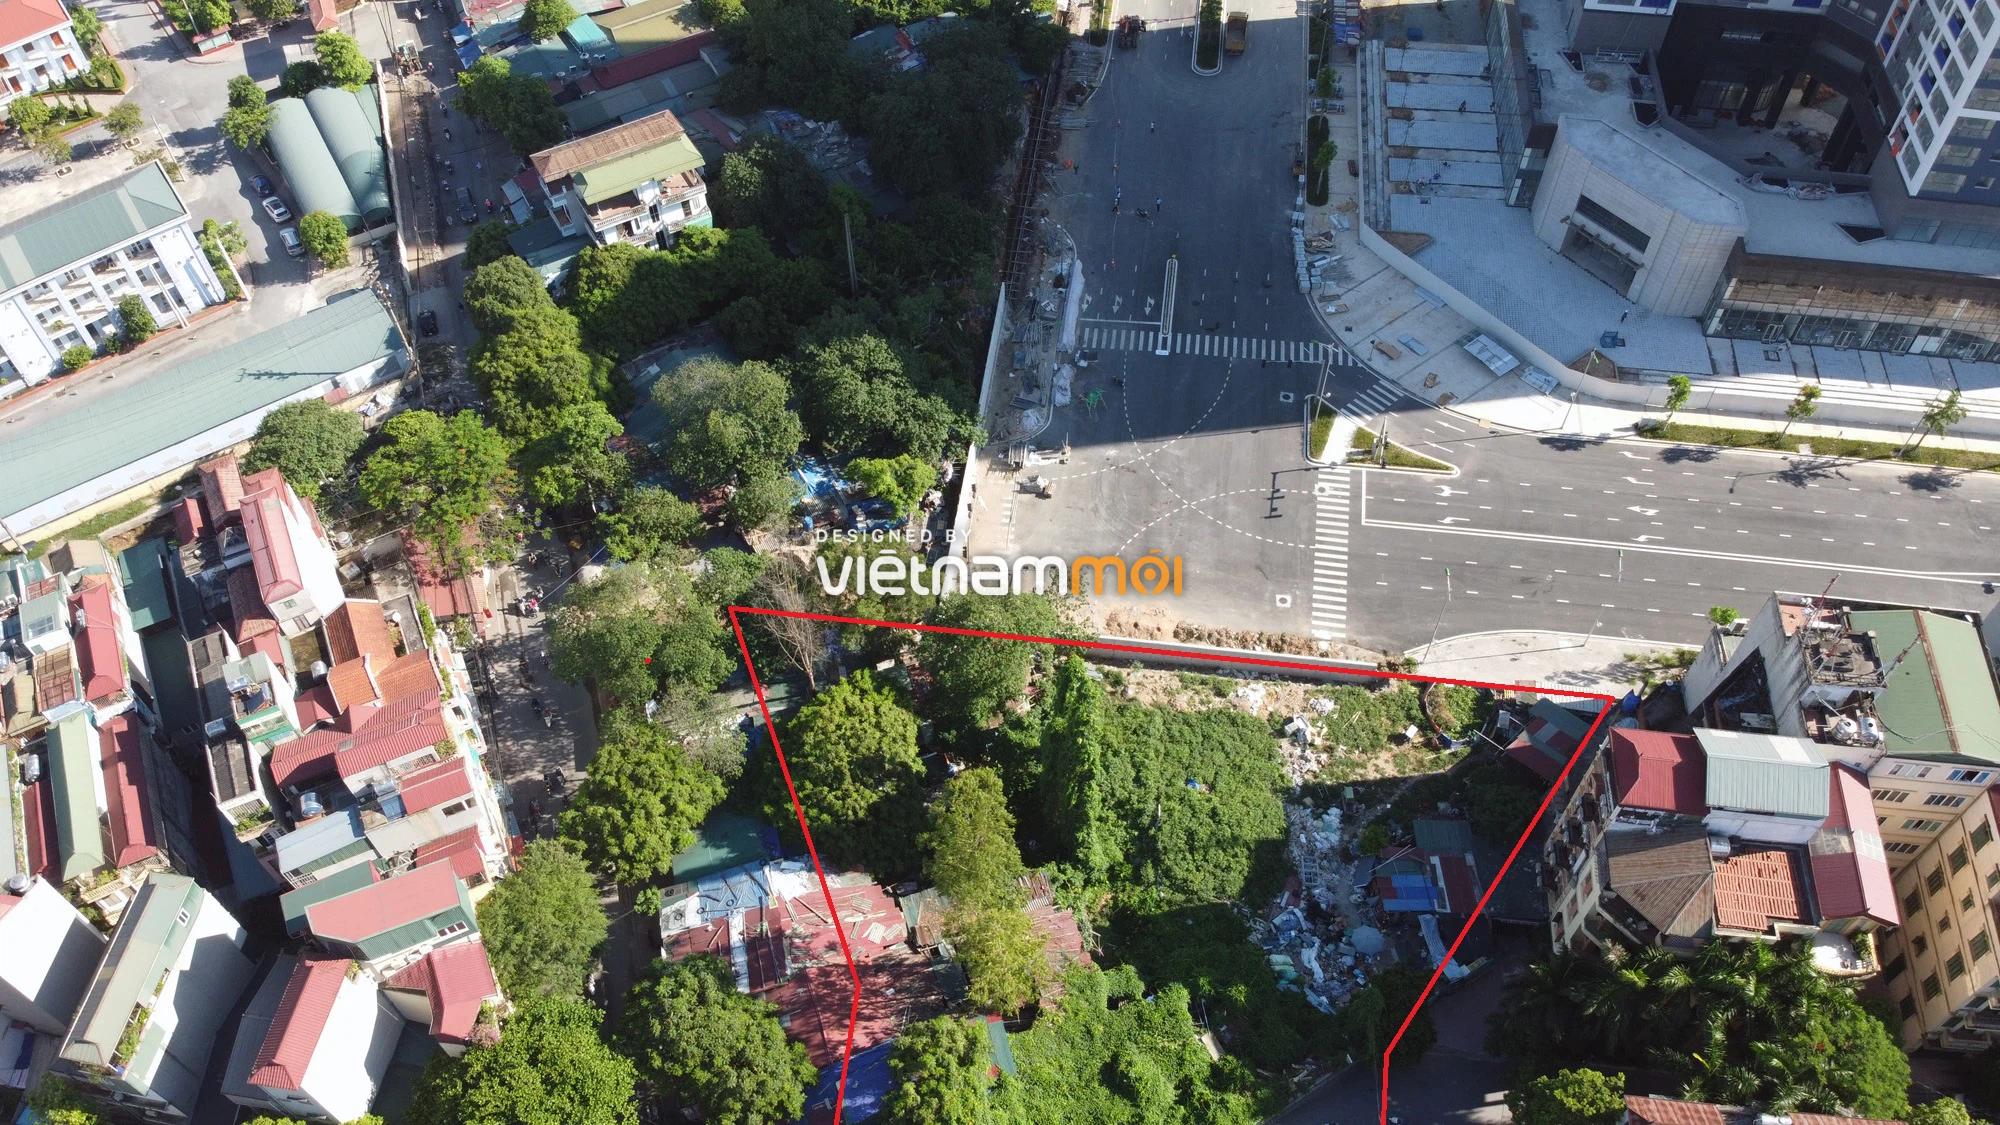 Những khu đất sắp thu hồi để mở đường ở quận Bắc Từ Liêm, Hà Nội (phần 3) - Ảnh 16.